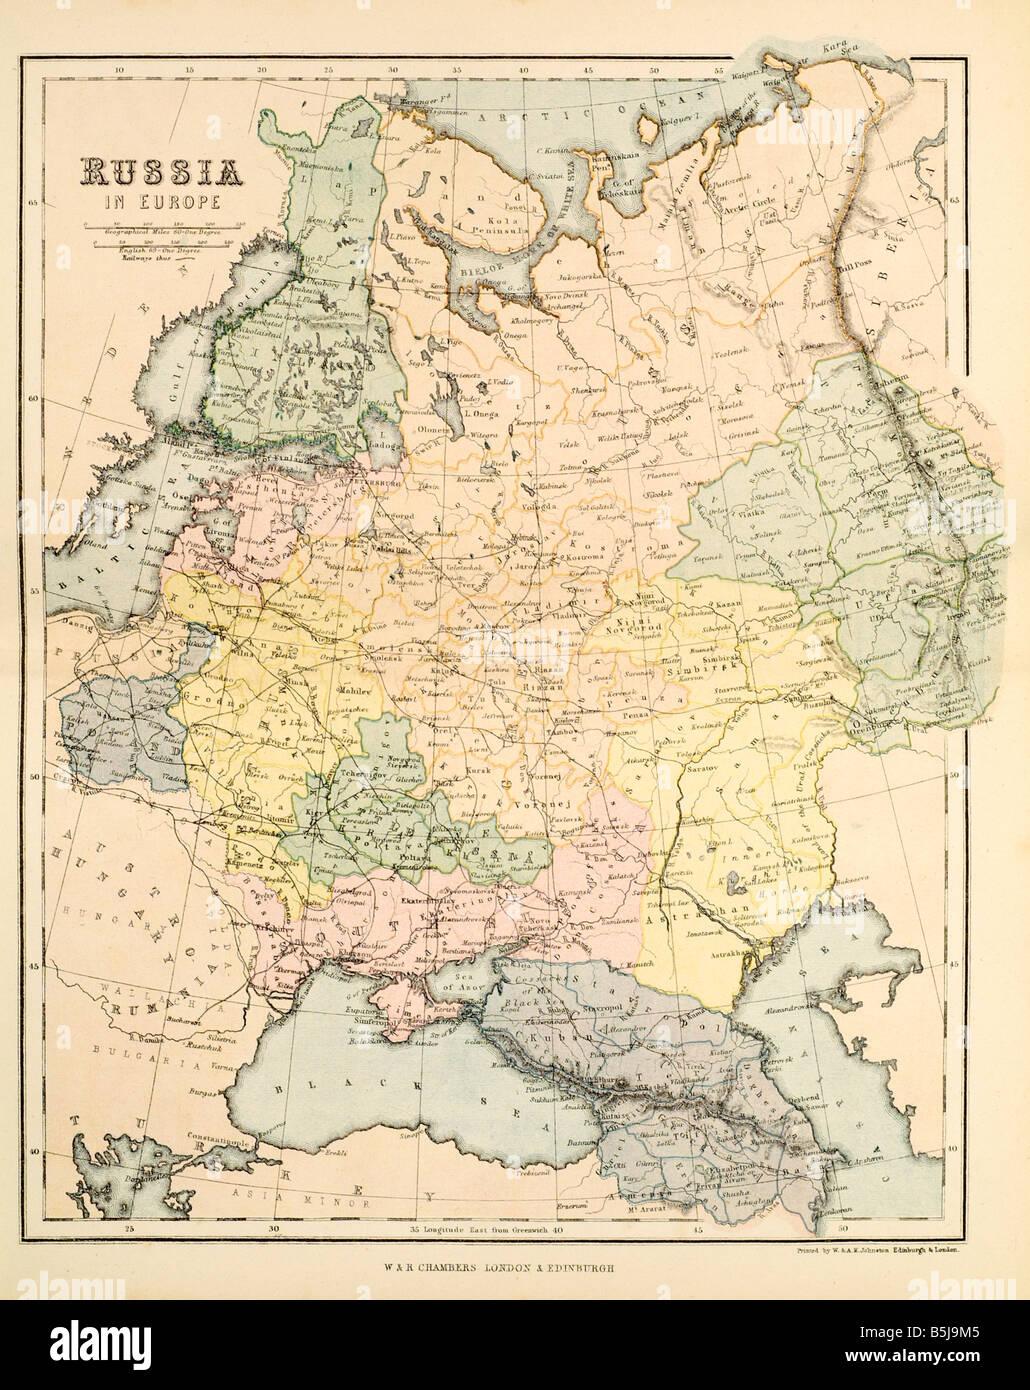 russia map Russian Россия Rossiya or the Russian Federation Russian Российская Федерация Rossiyskaya Federatsiya - Stock Image